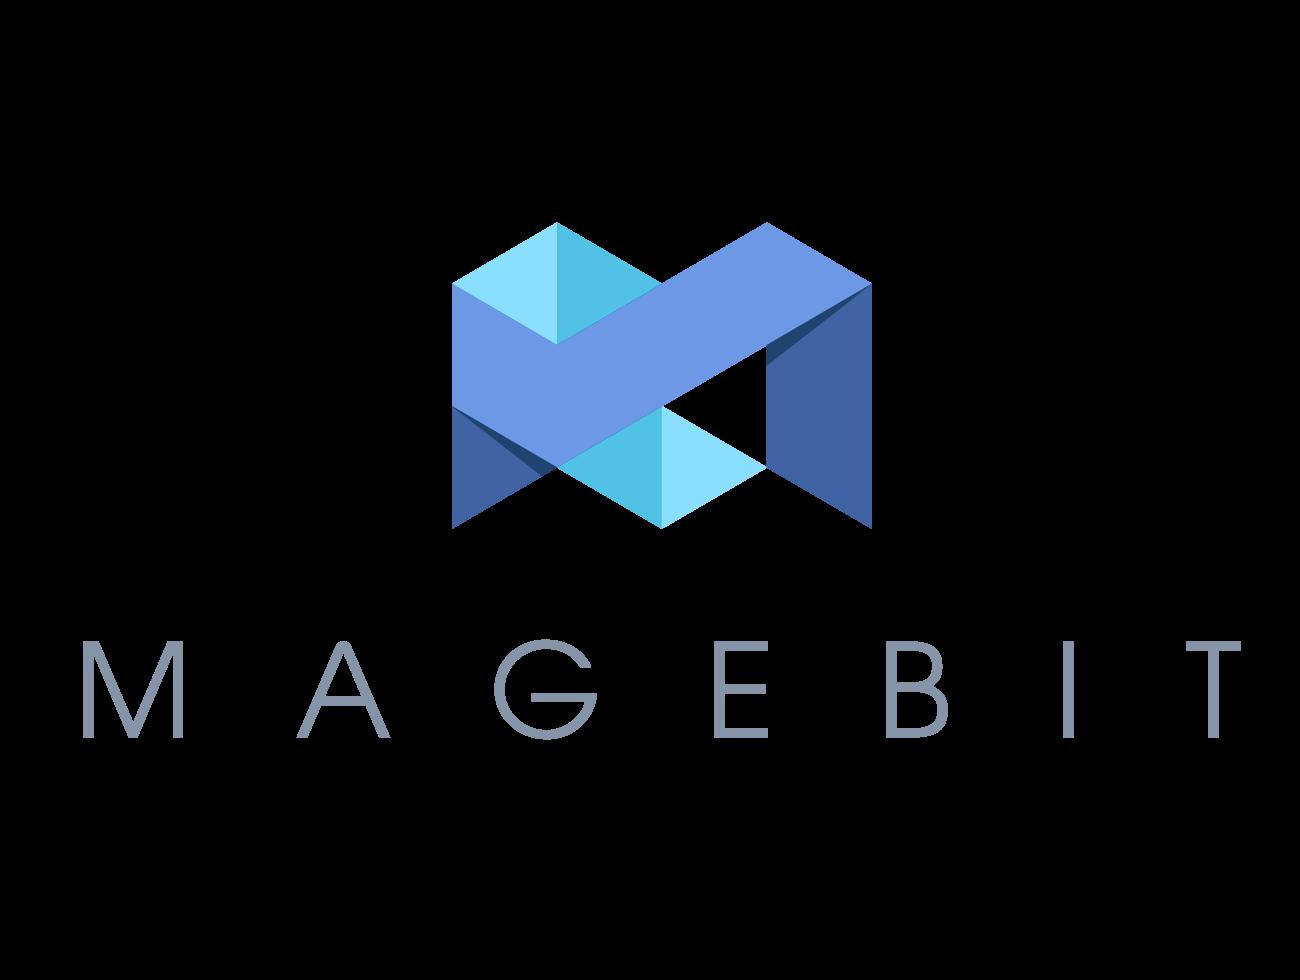 Magebit